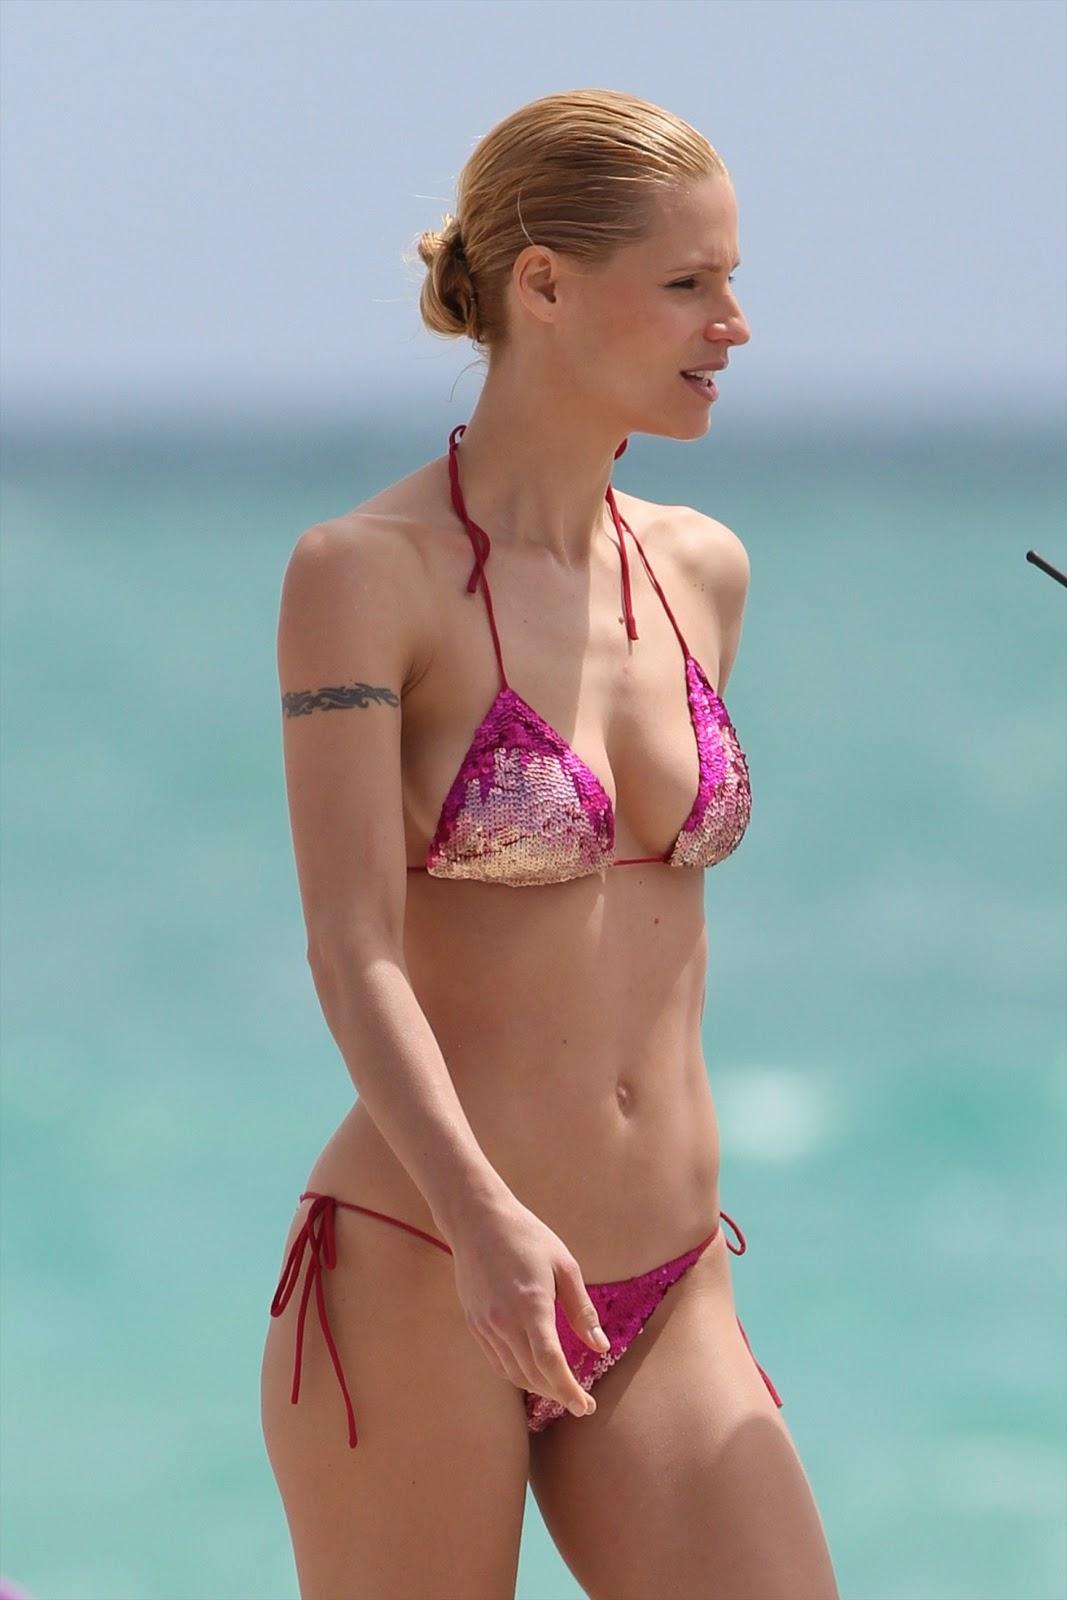 http://1.bp.blogspot.com/_775ESC4svi8/TSkjXR059LI/AAAAAAAAA4I/tL6hZV3B4HI/s1600/michelle-hunziker-bikini-2-03.jpg